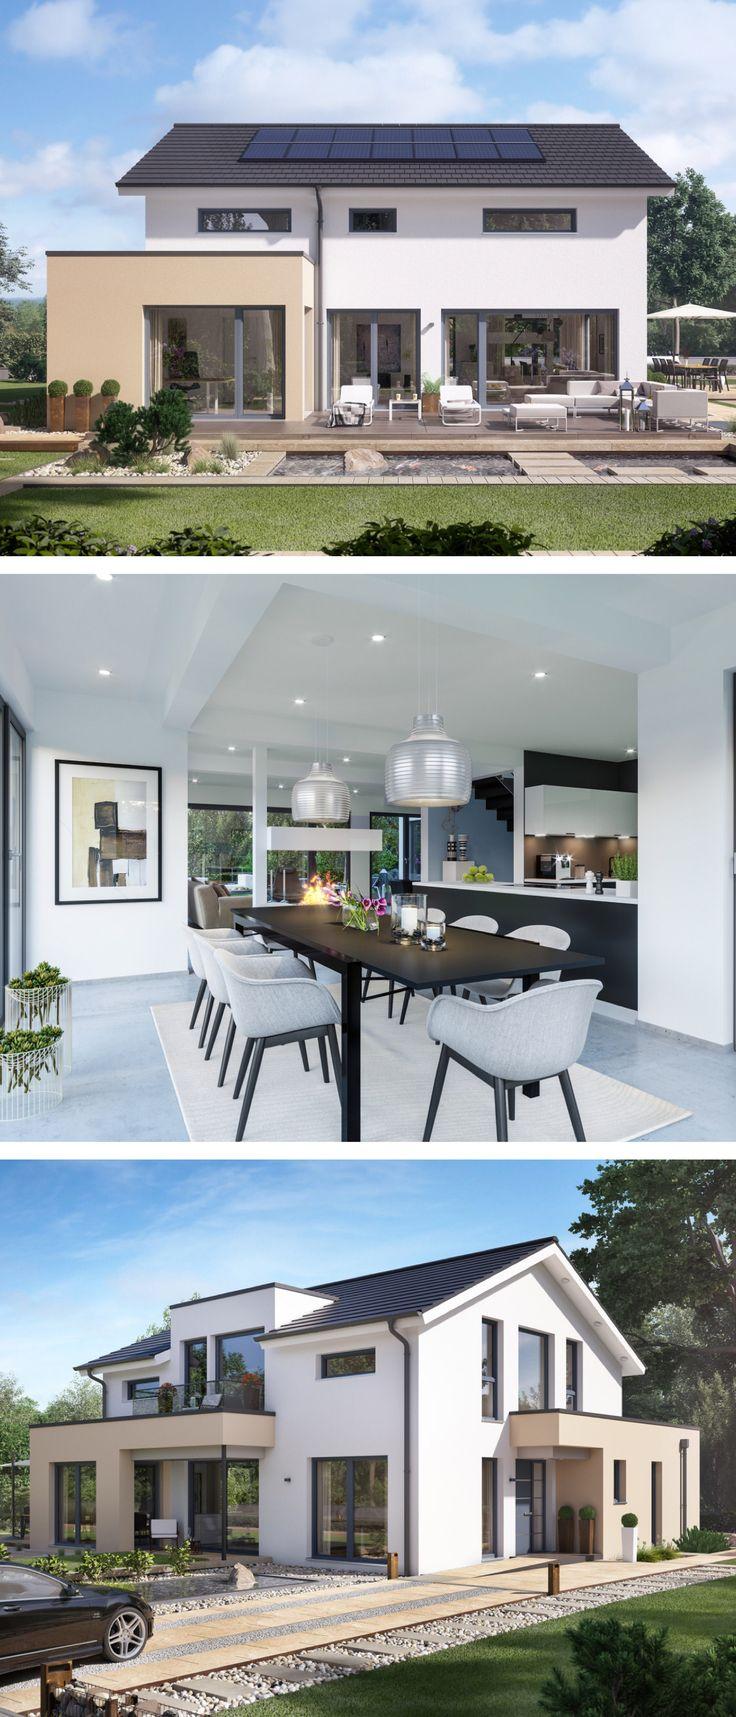 Modernes Satteldach Haus mit Büro Anbau & Galerie – Einfamilienhaus bauen Ferti…   – Ekaterina Frazier